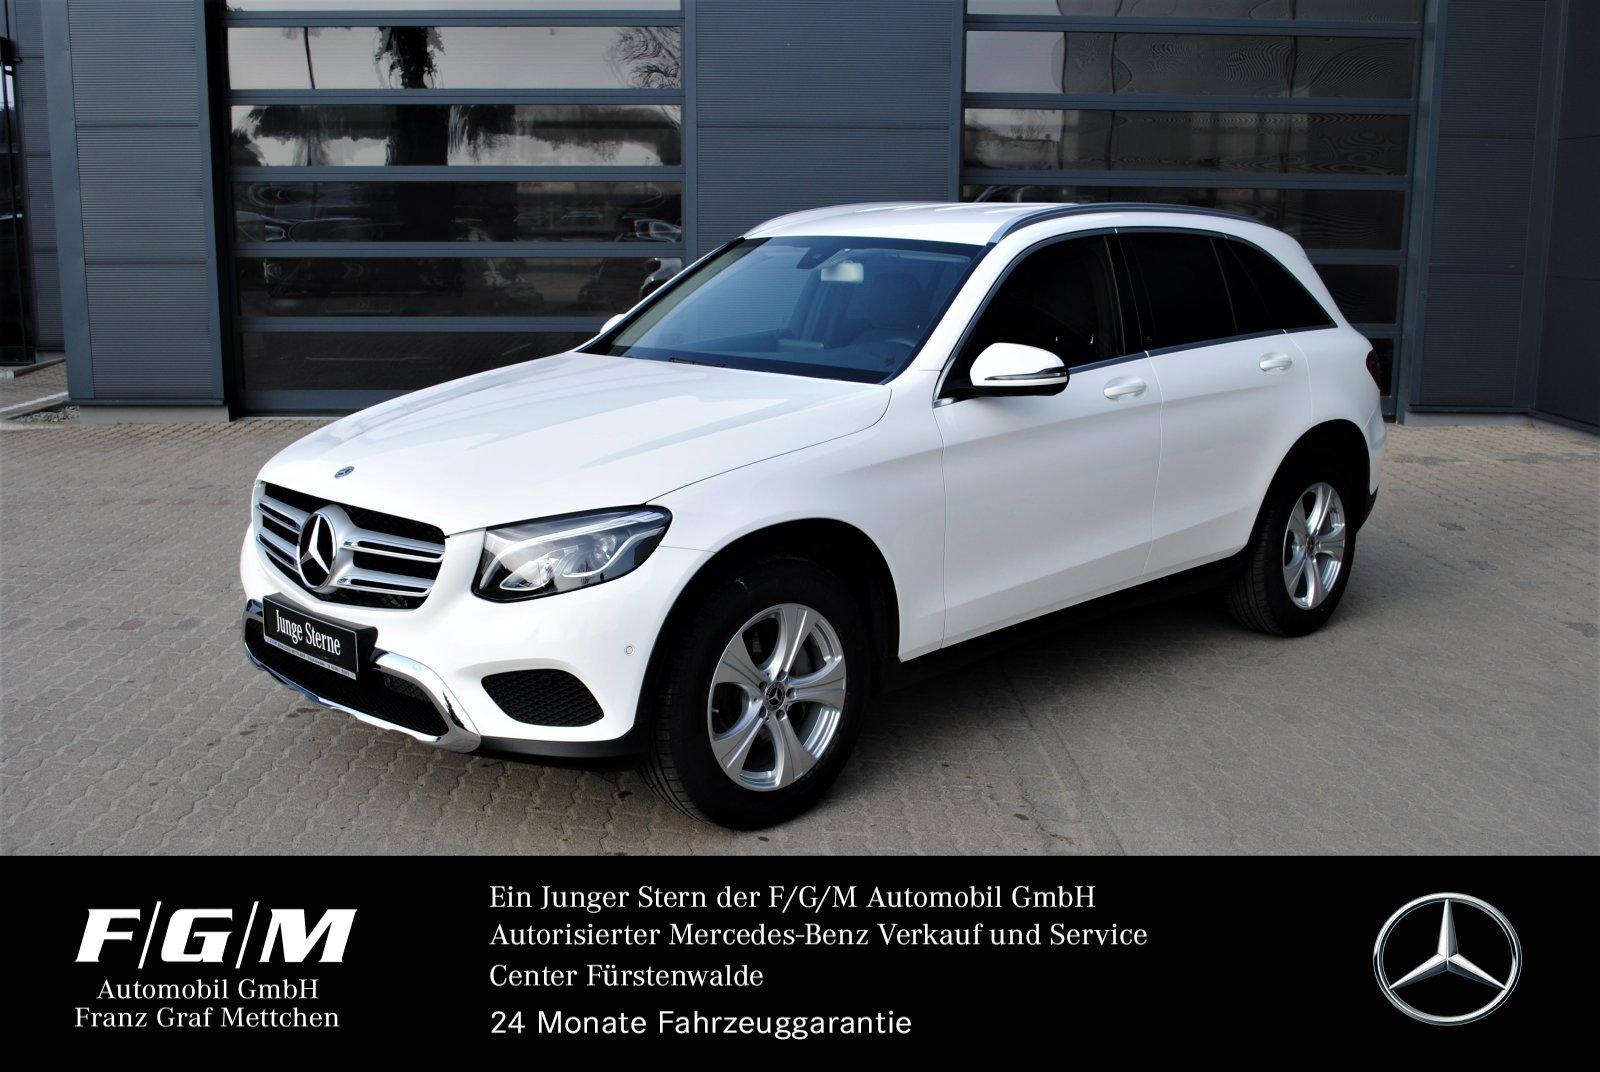 Mercedes-Benz GLC 220 d 4M EXCLUSIVE/Navi/LED-Licht/Parktronic, Jahr 2017, Diesel